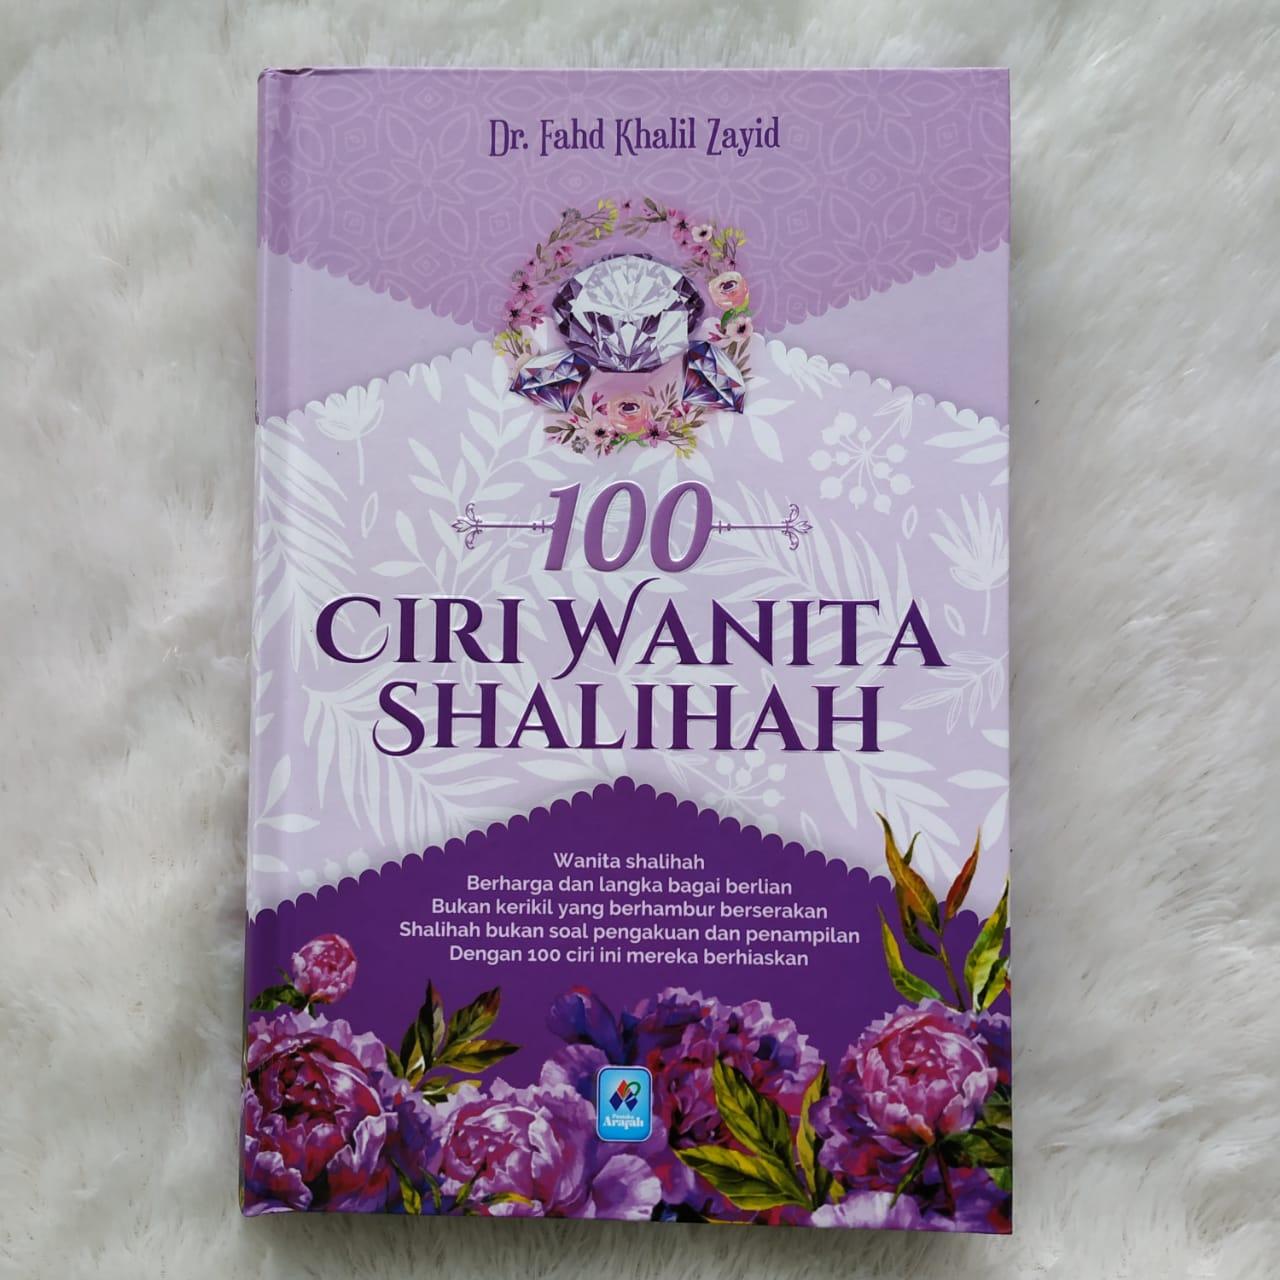 Buku 100 Ciri Wanita Shalihah Wanita Berharga Dan Langka